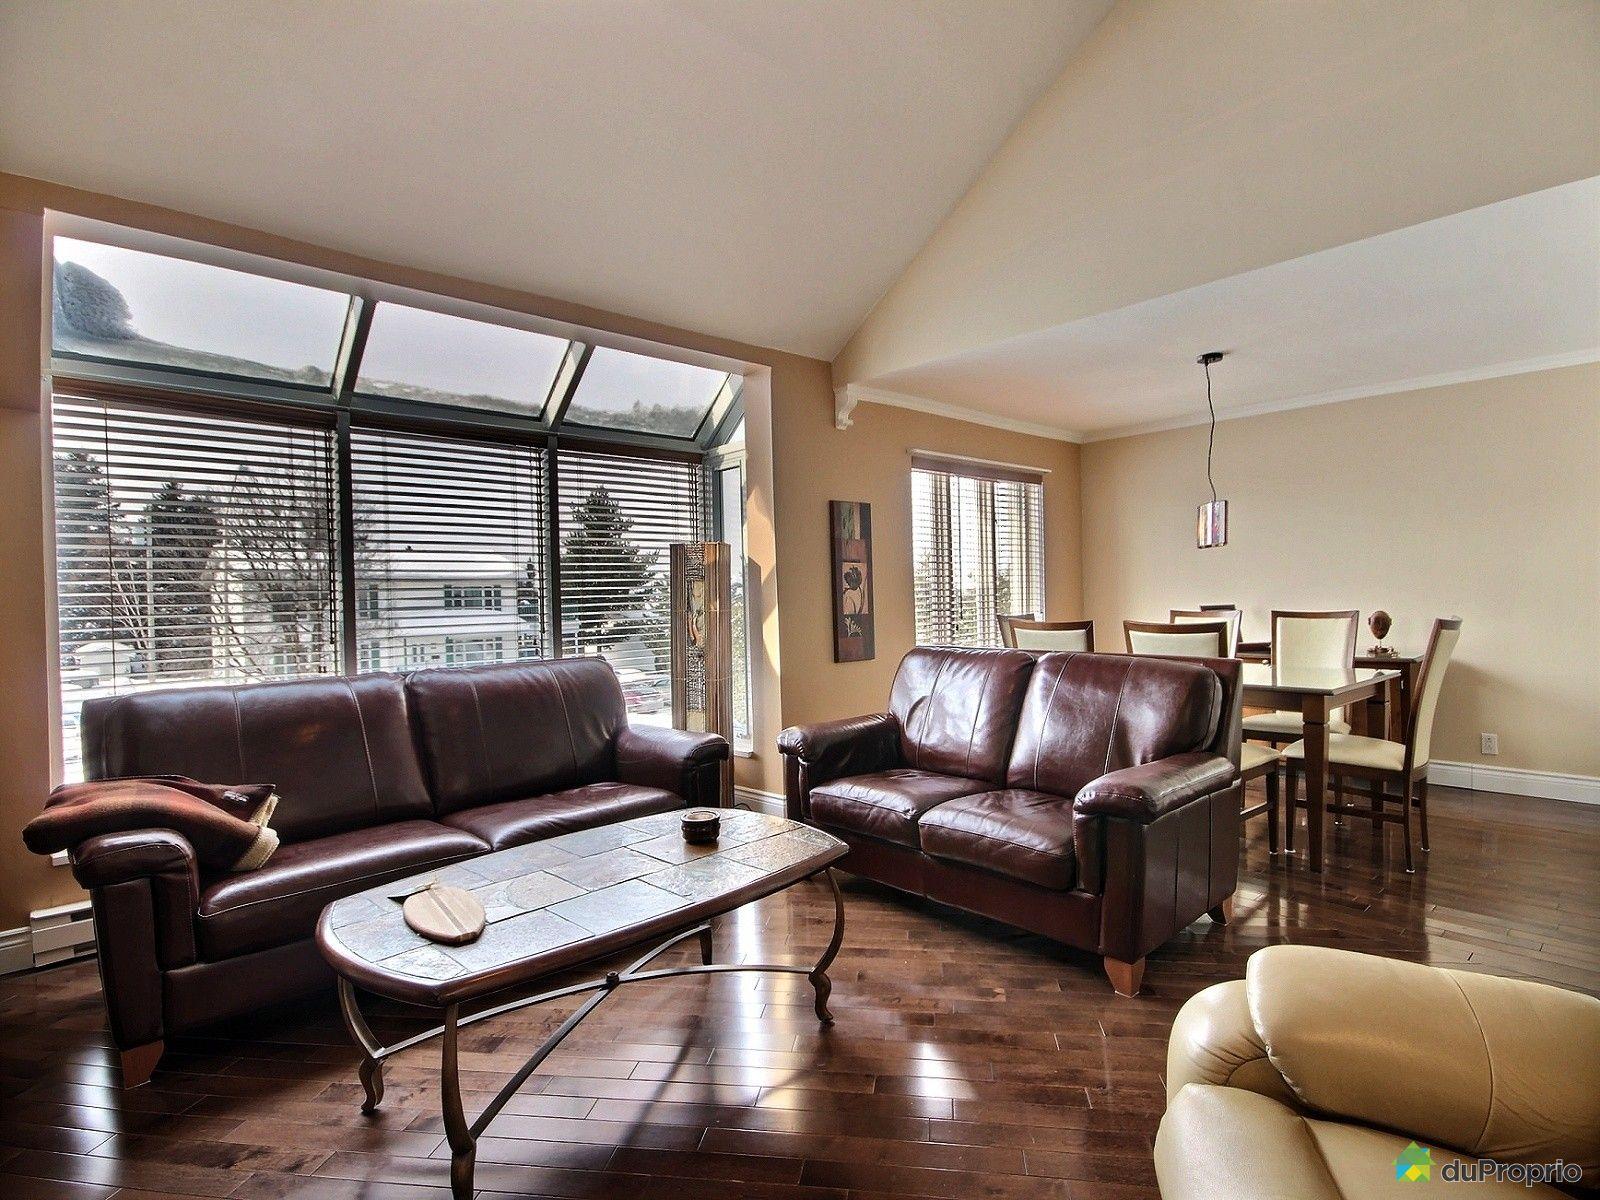 Condo vendu Jonquière, immobilier Québec DuProprio 577272